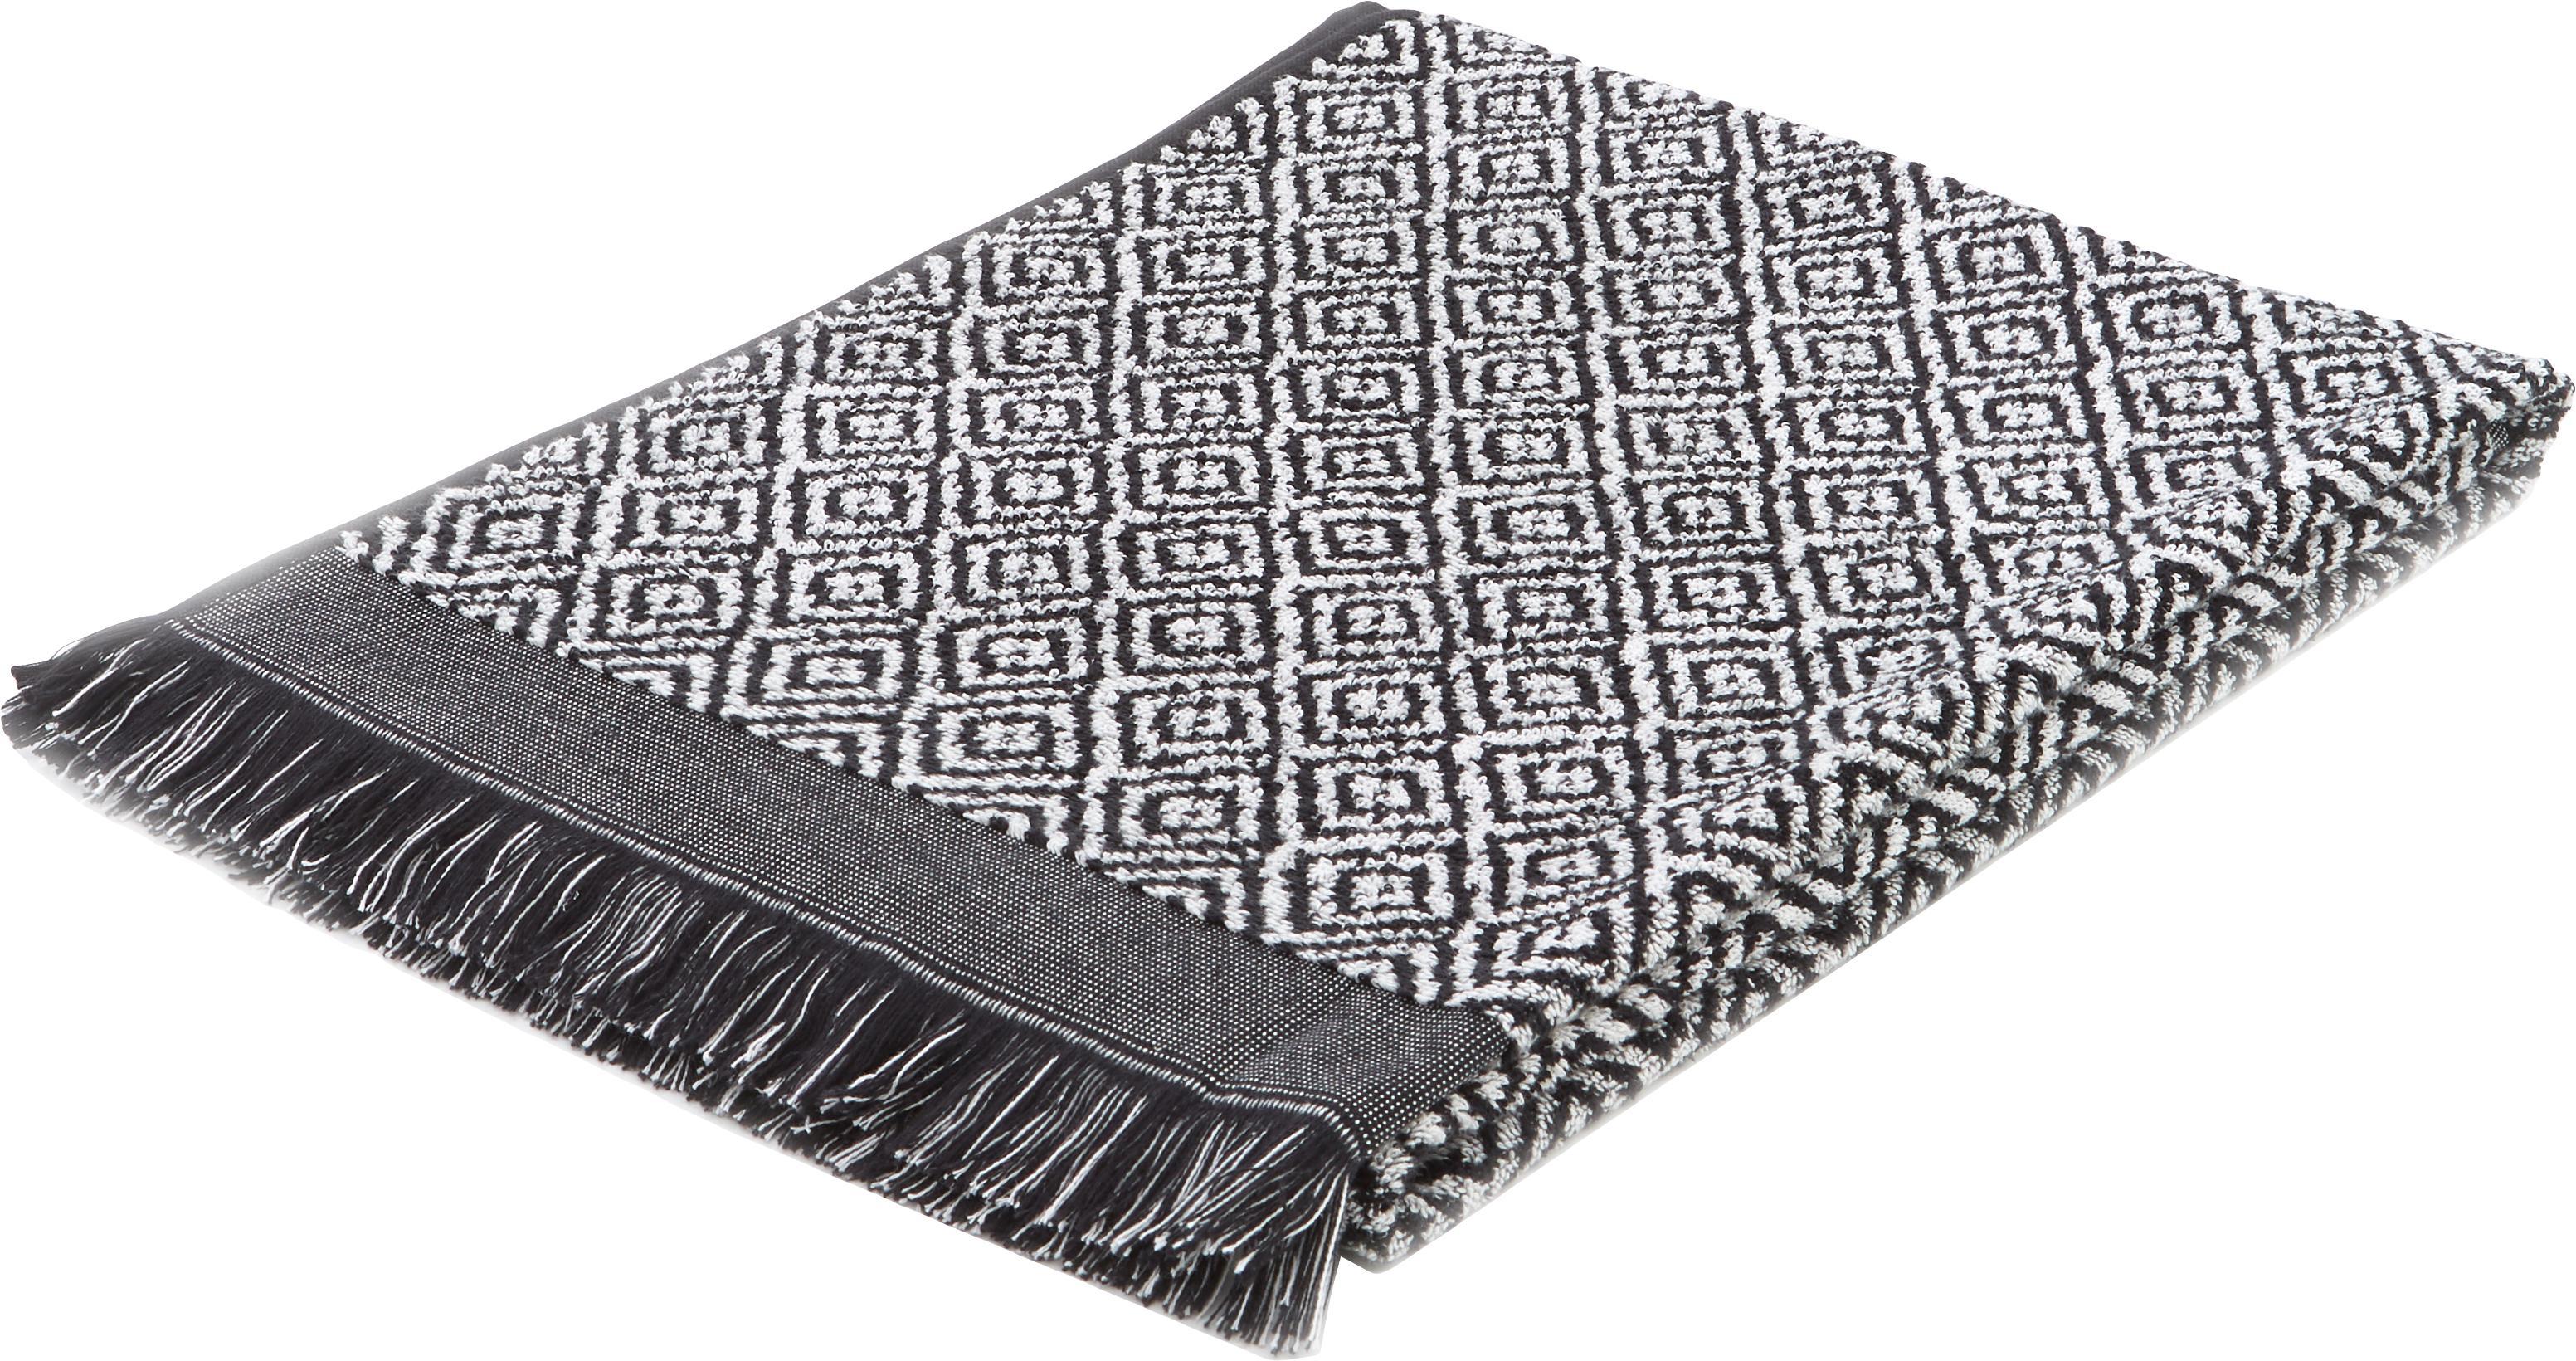 Ręcznik Morocco, Czarny, biały, Ręcznik kąpielowy